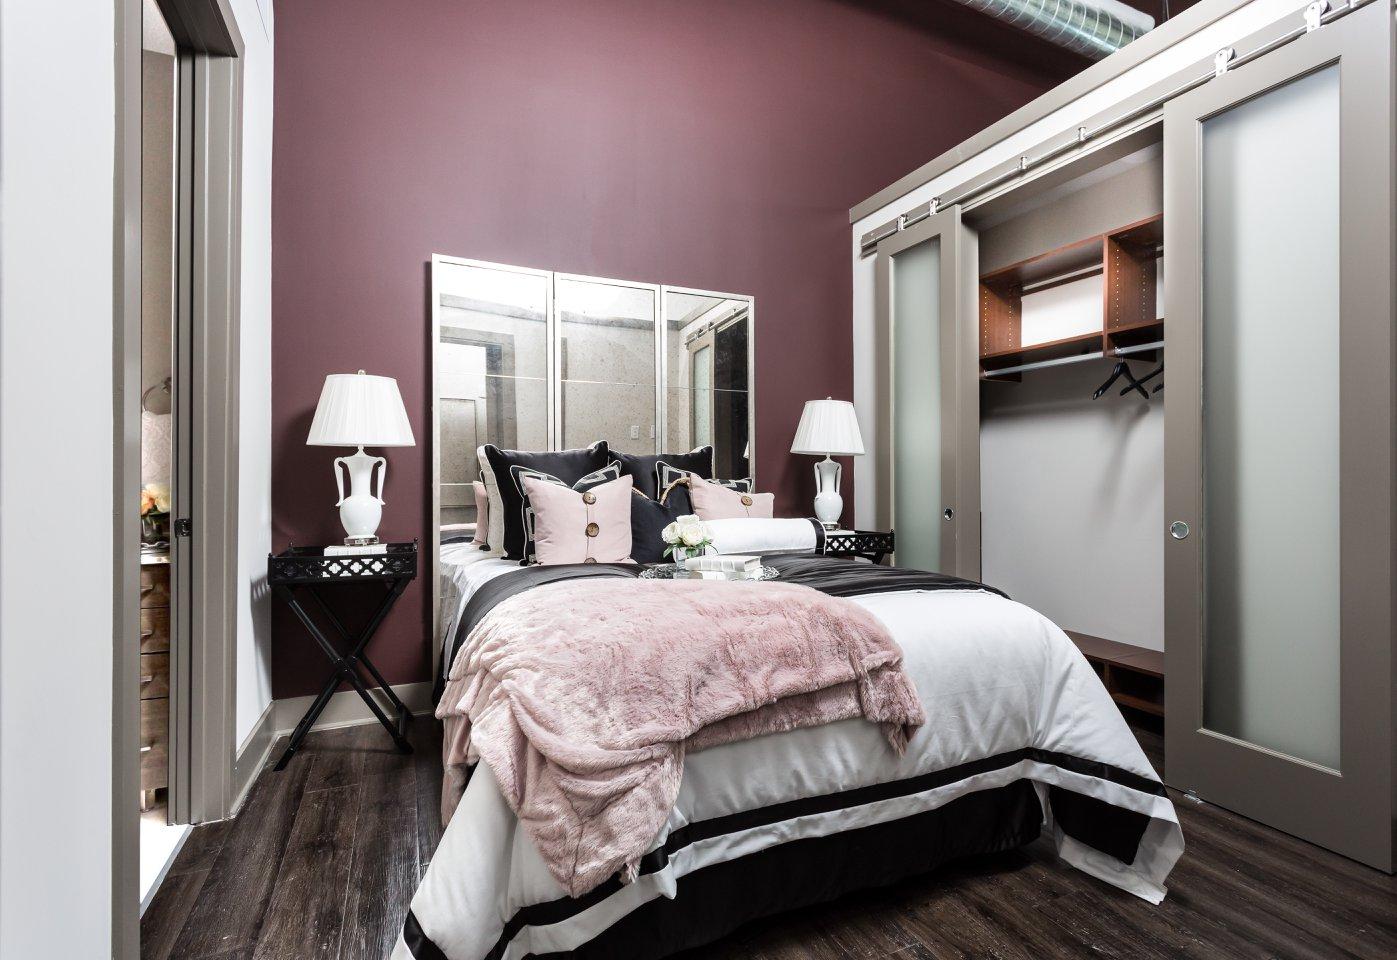 midtown dallas  luxury loft style one bedroom w